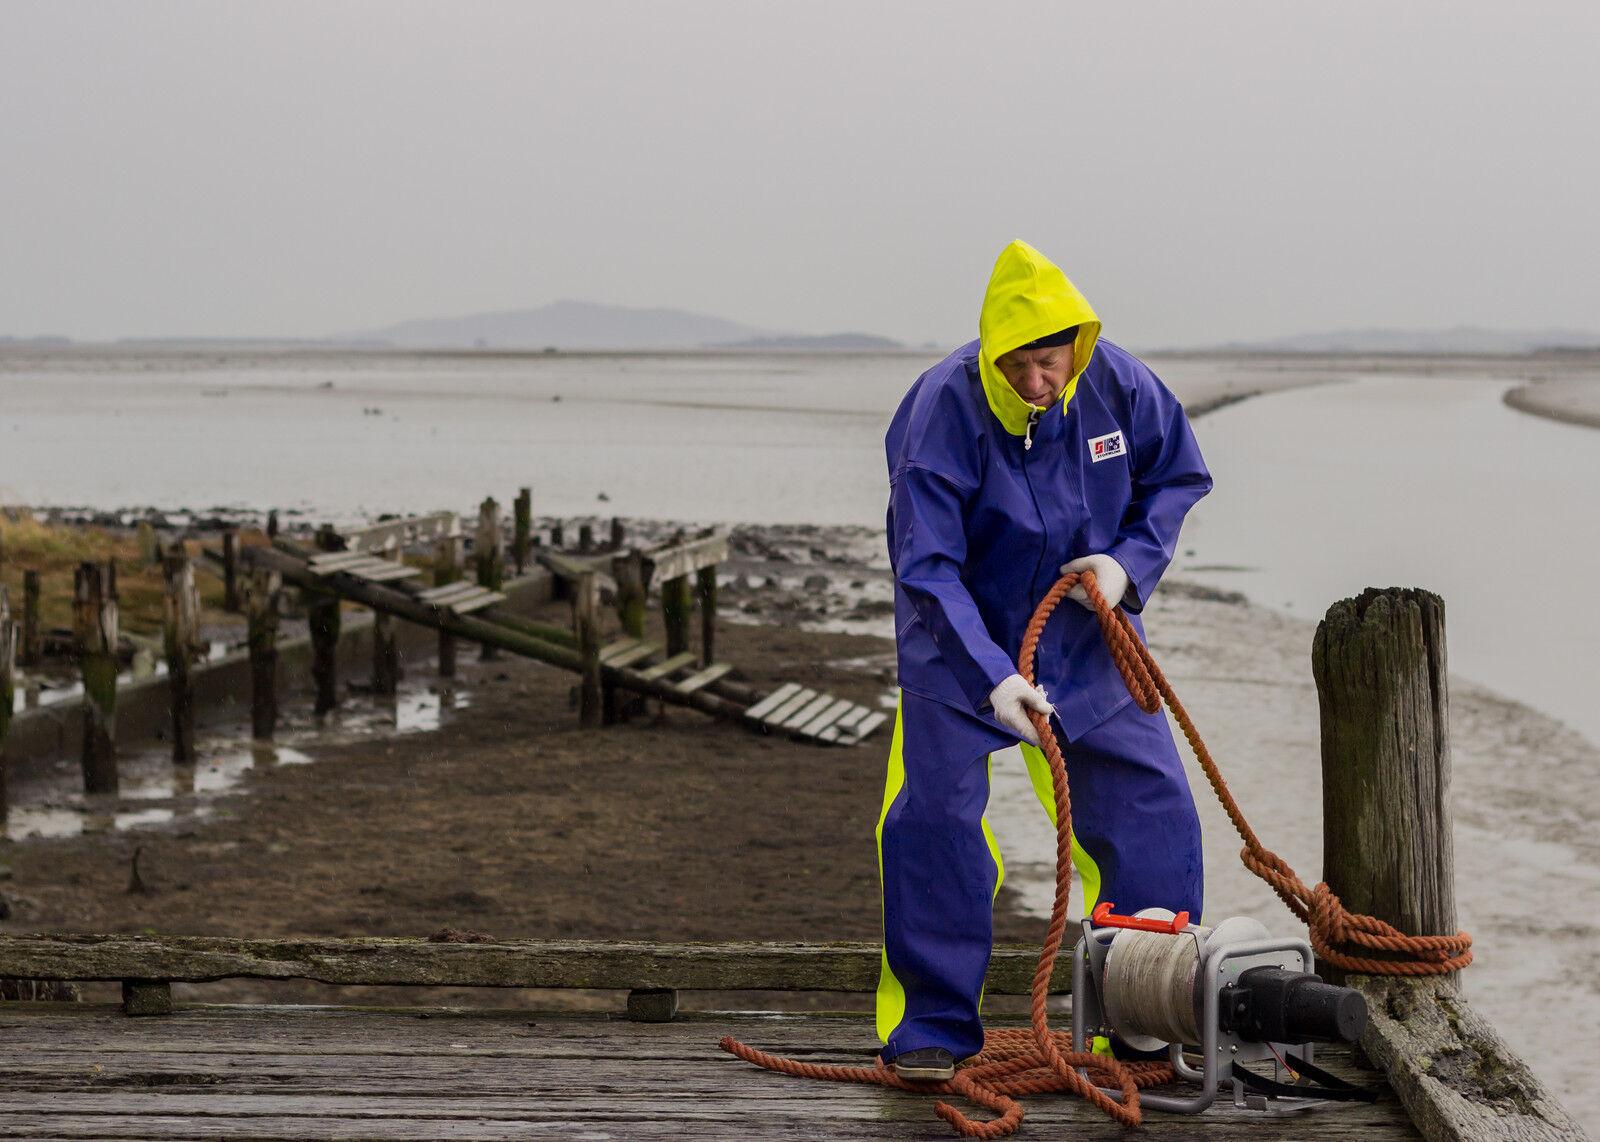 Fishing Oilskins & Wet Weather Gear